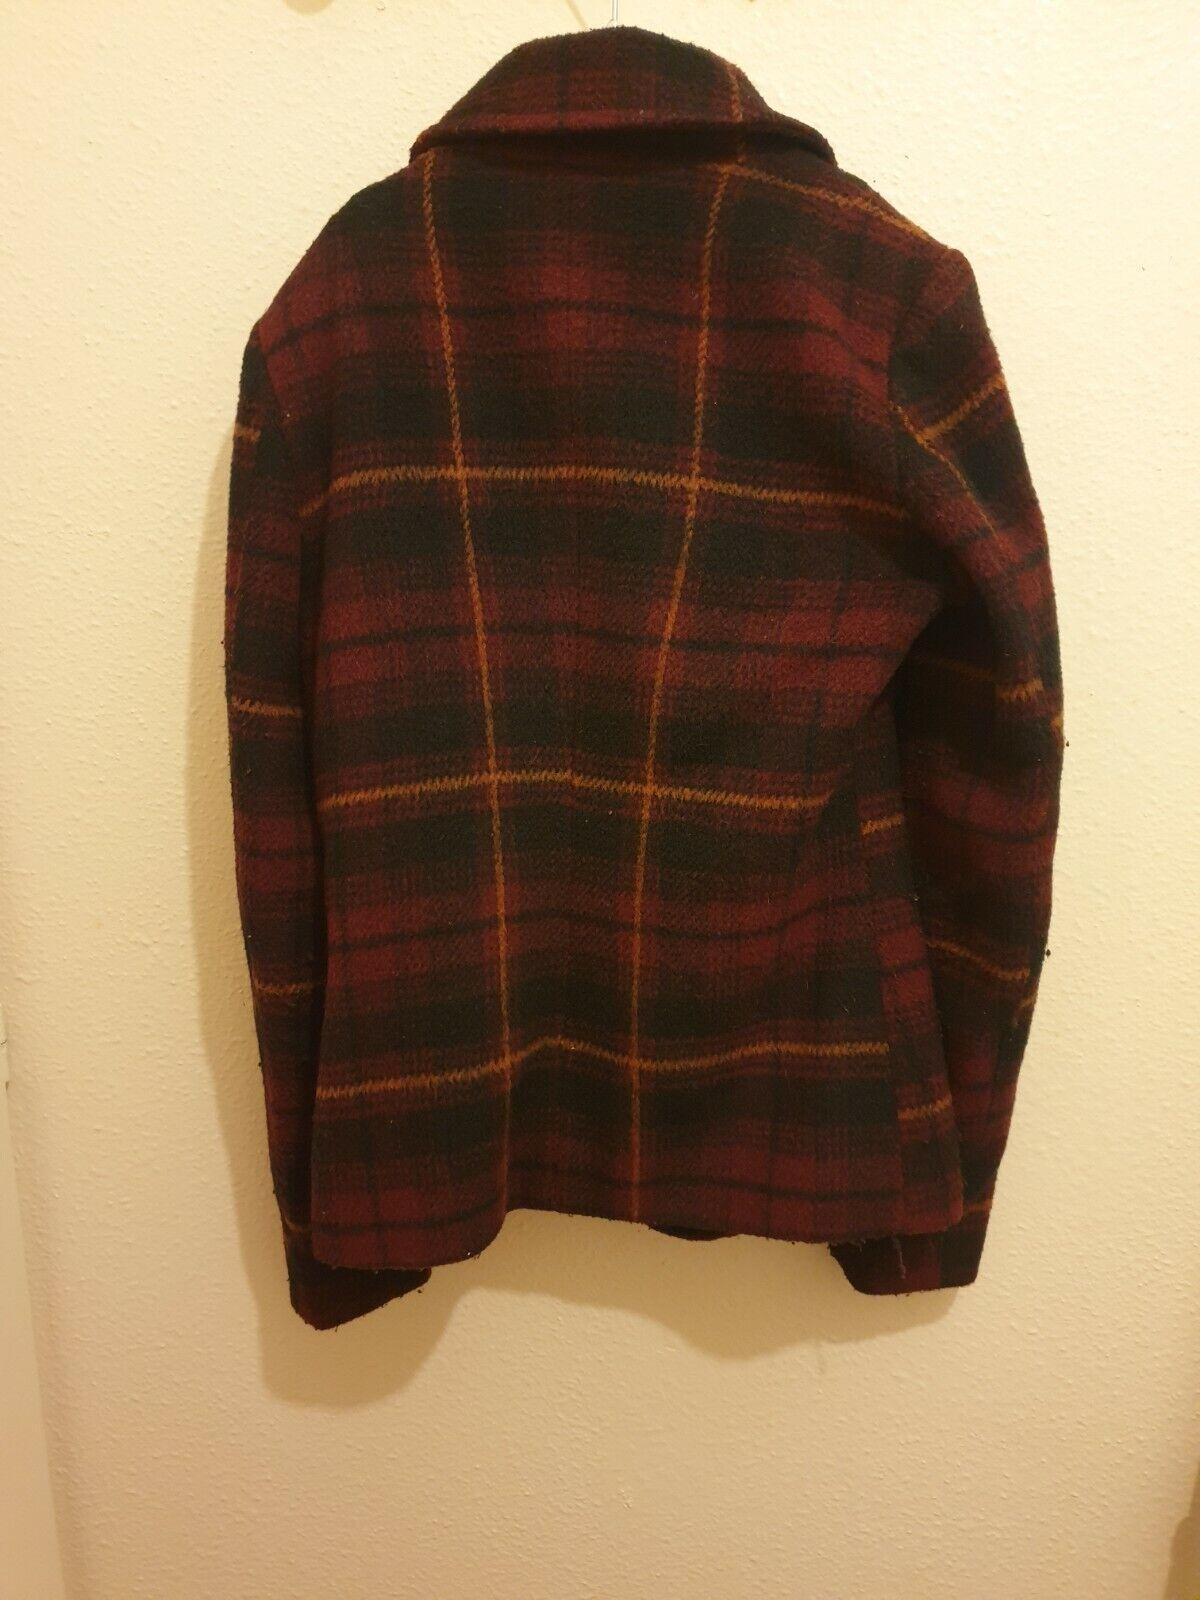 Veste courte en laine à carreaux couleur bordeaux  femme  hiver taille 34-36